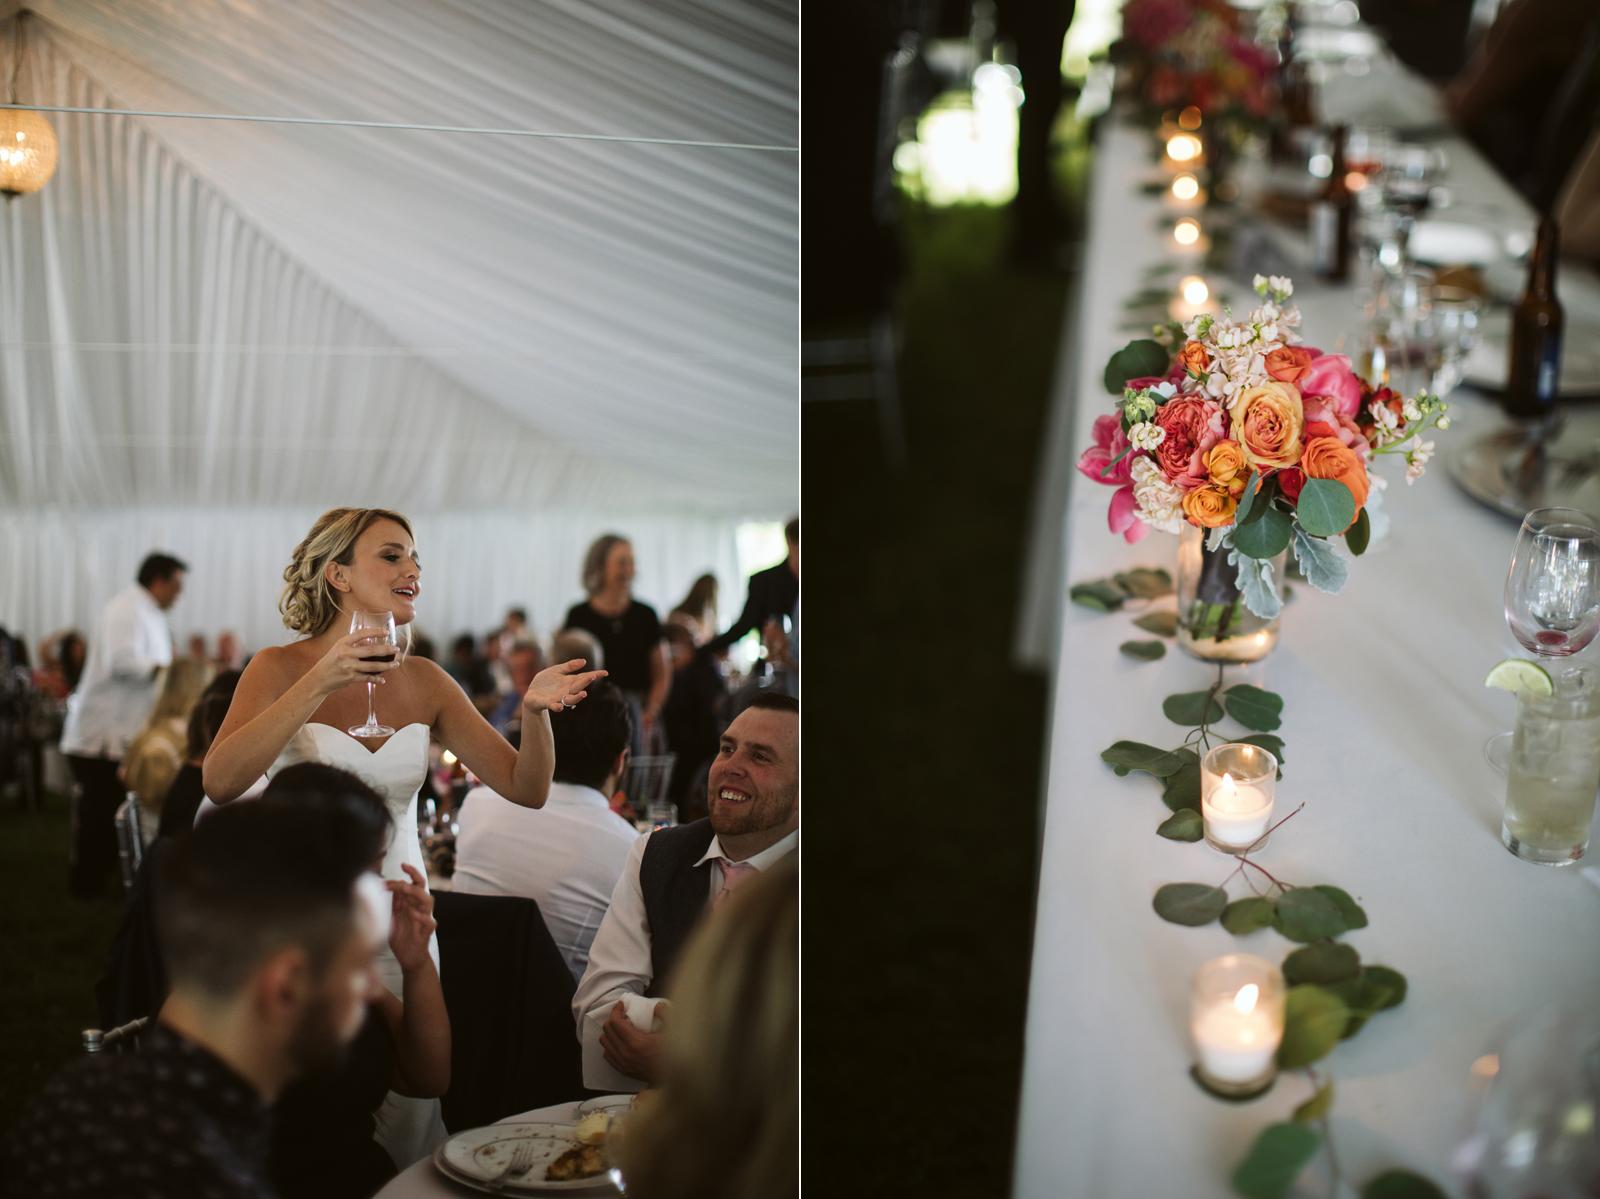 130-daronjackson-gabby-alec-wedding.jpg